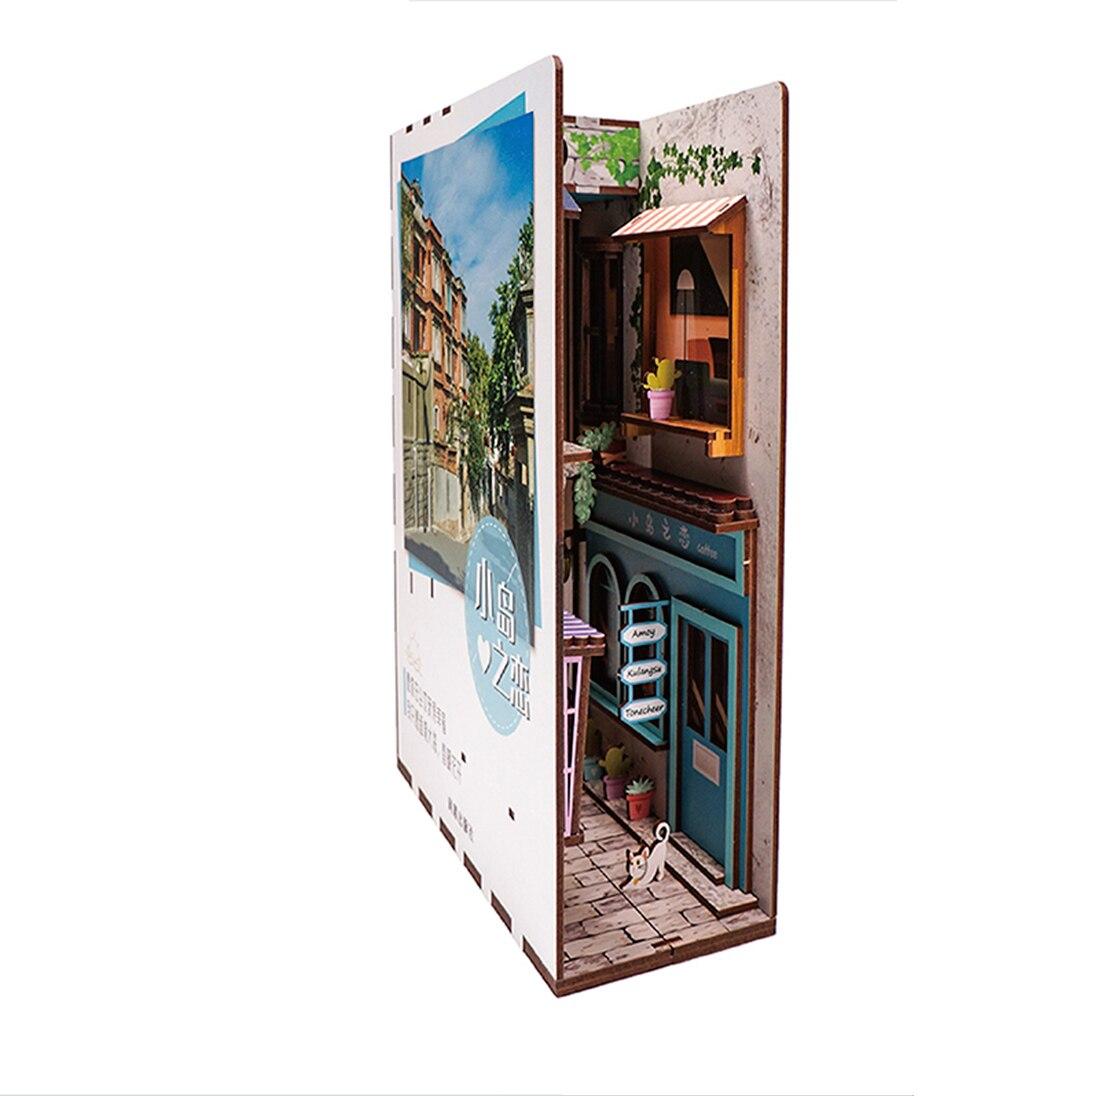 H6a2f309412c14349aa06ca8bb7060676q - Robotime - DIY Models, DIY Miniature Houses, 3d Wooden Puzzle